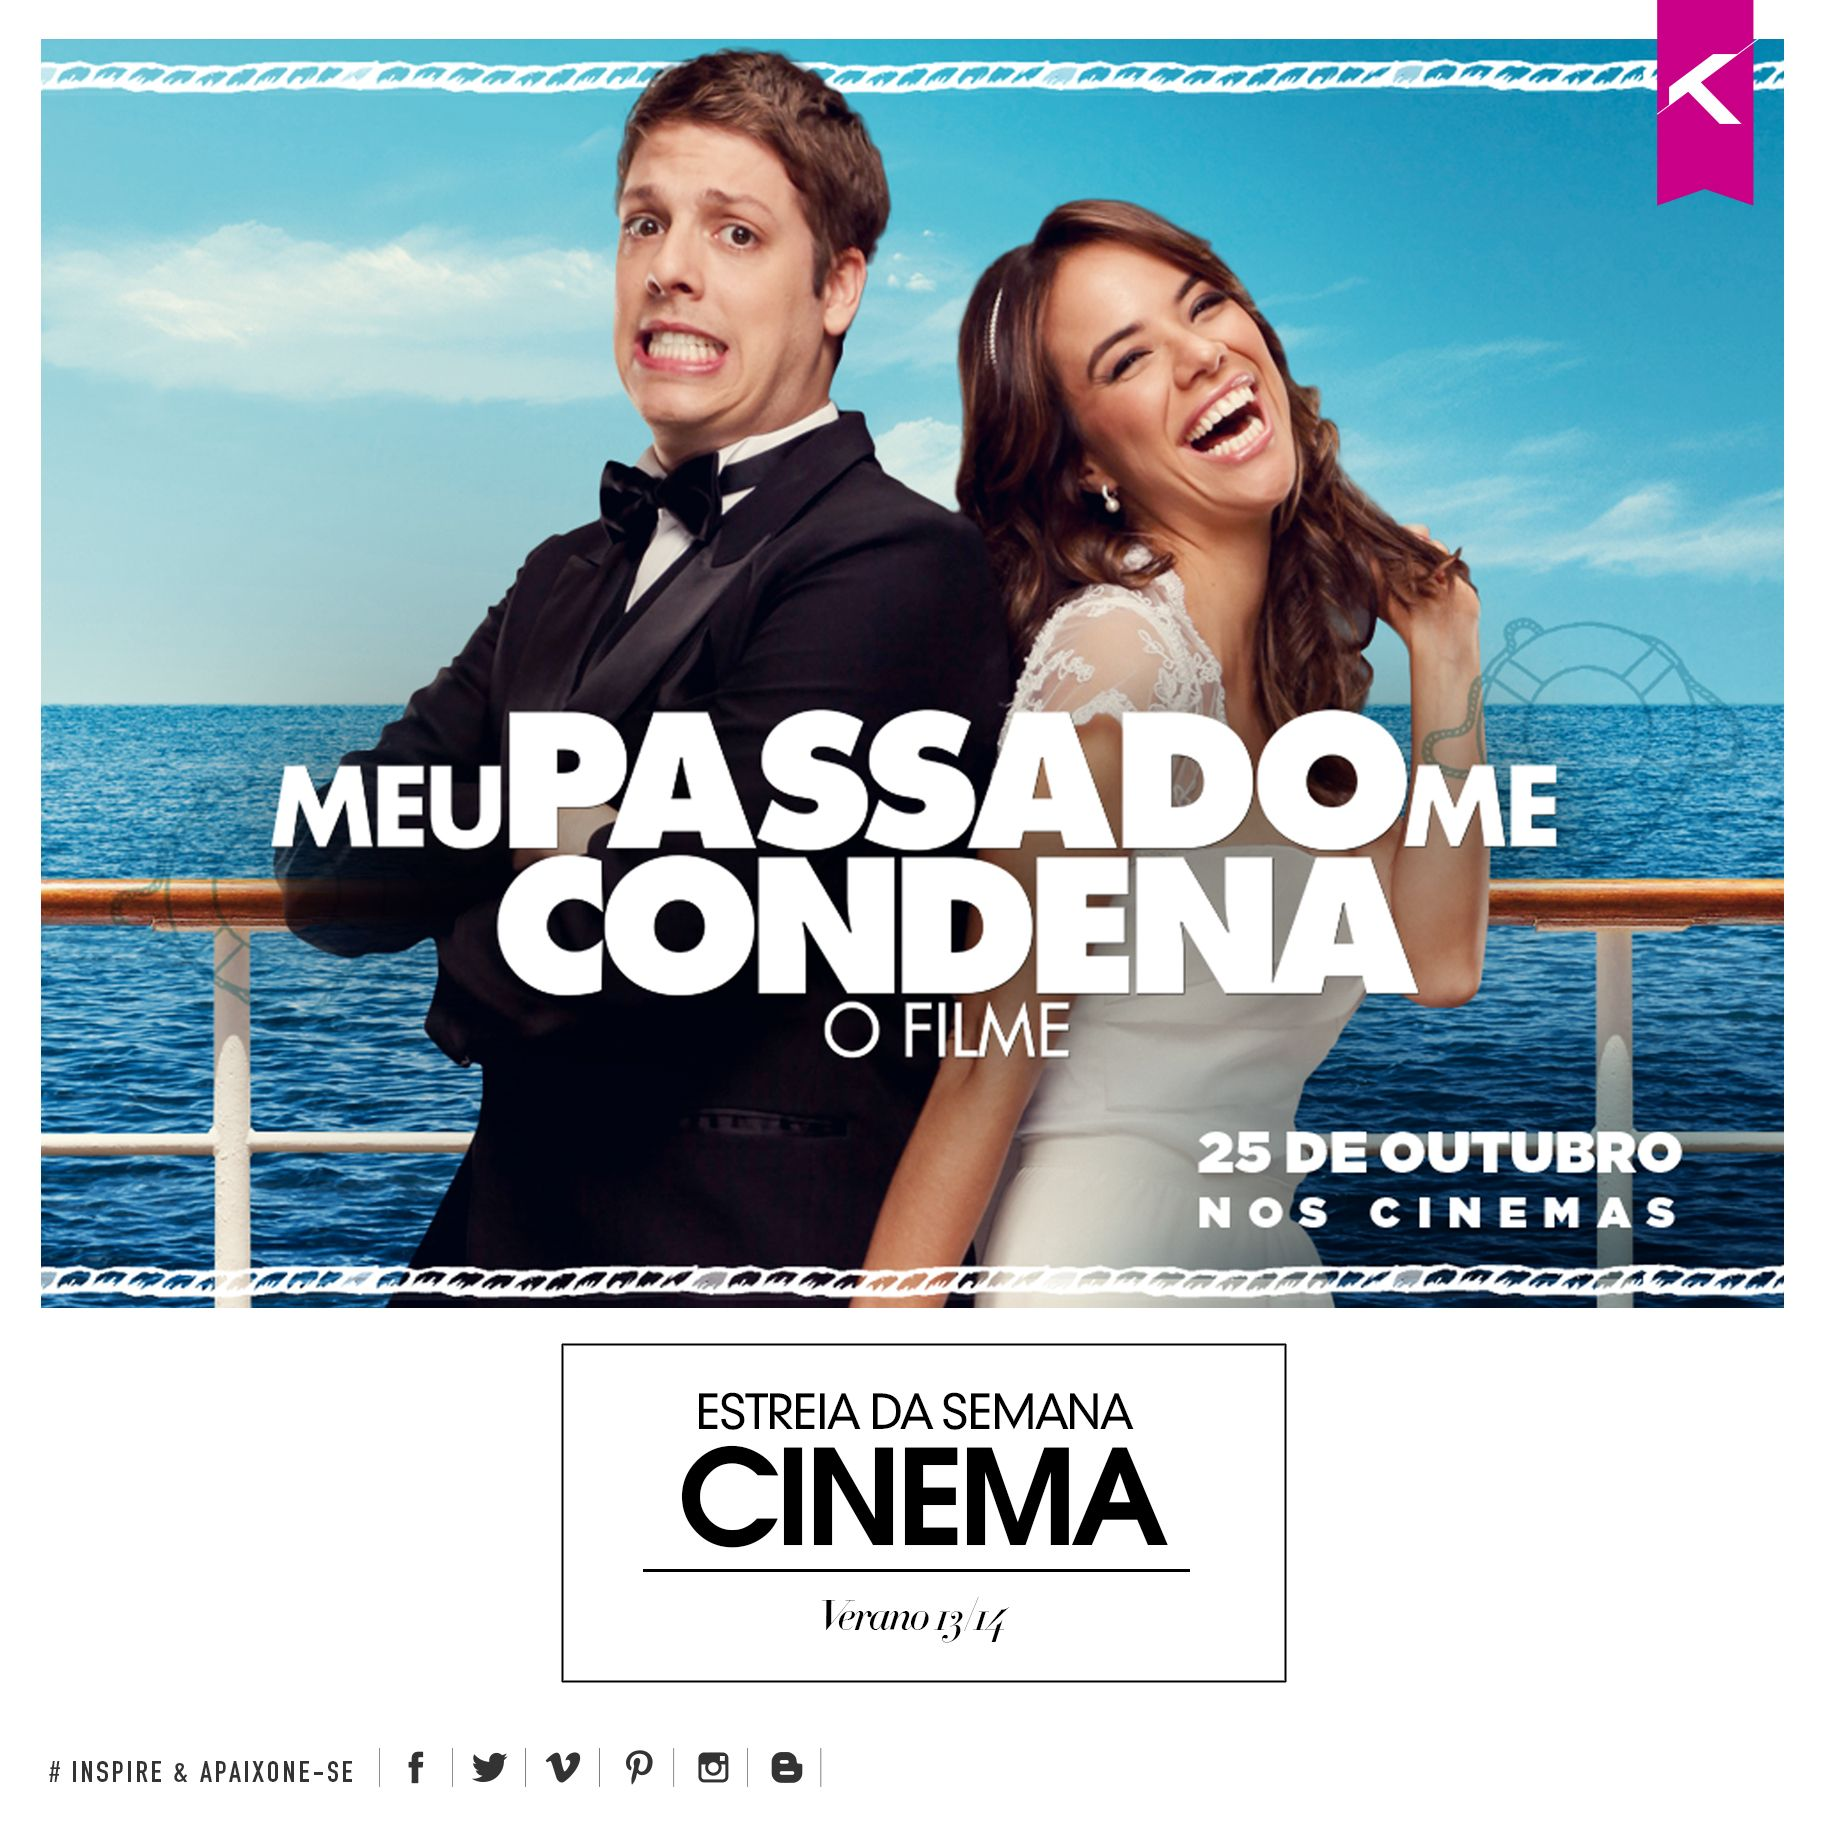 Cinema Lancamentos Filmes Filmes De Romance Cinema